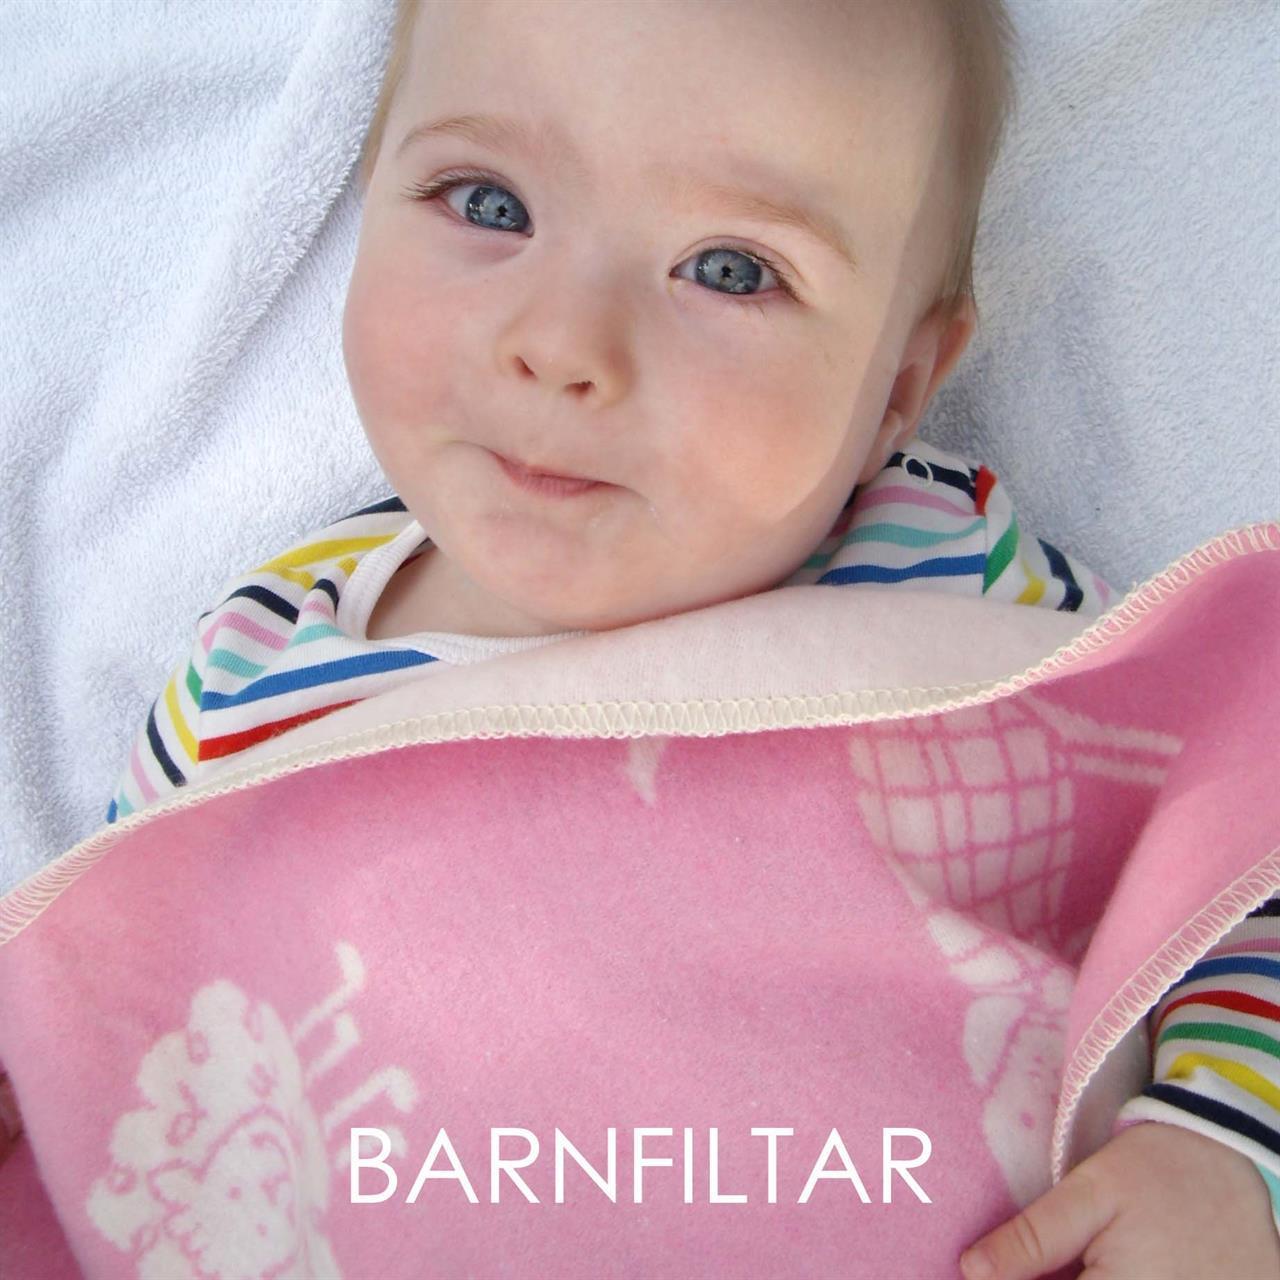 Barnfiltar